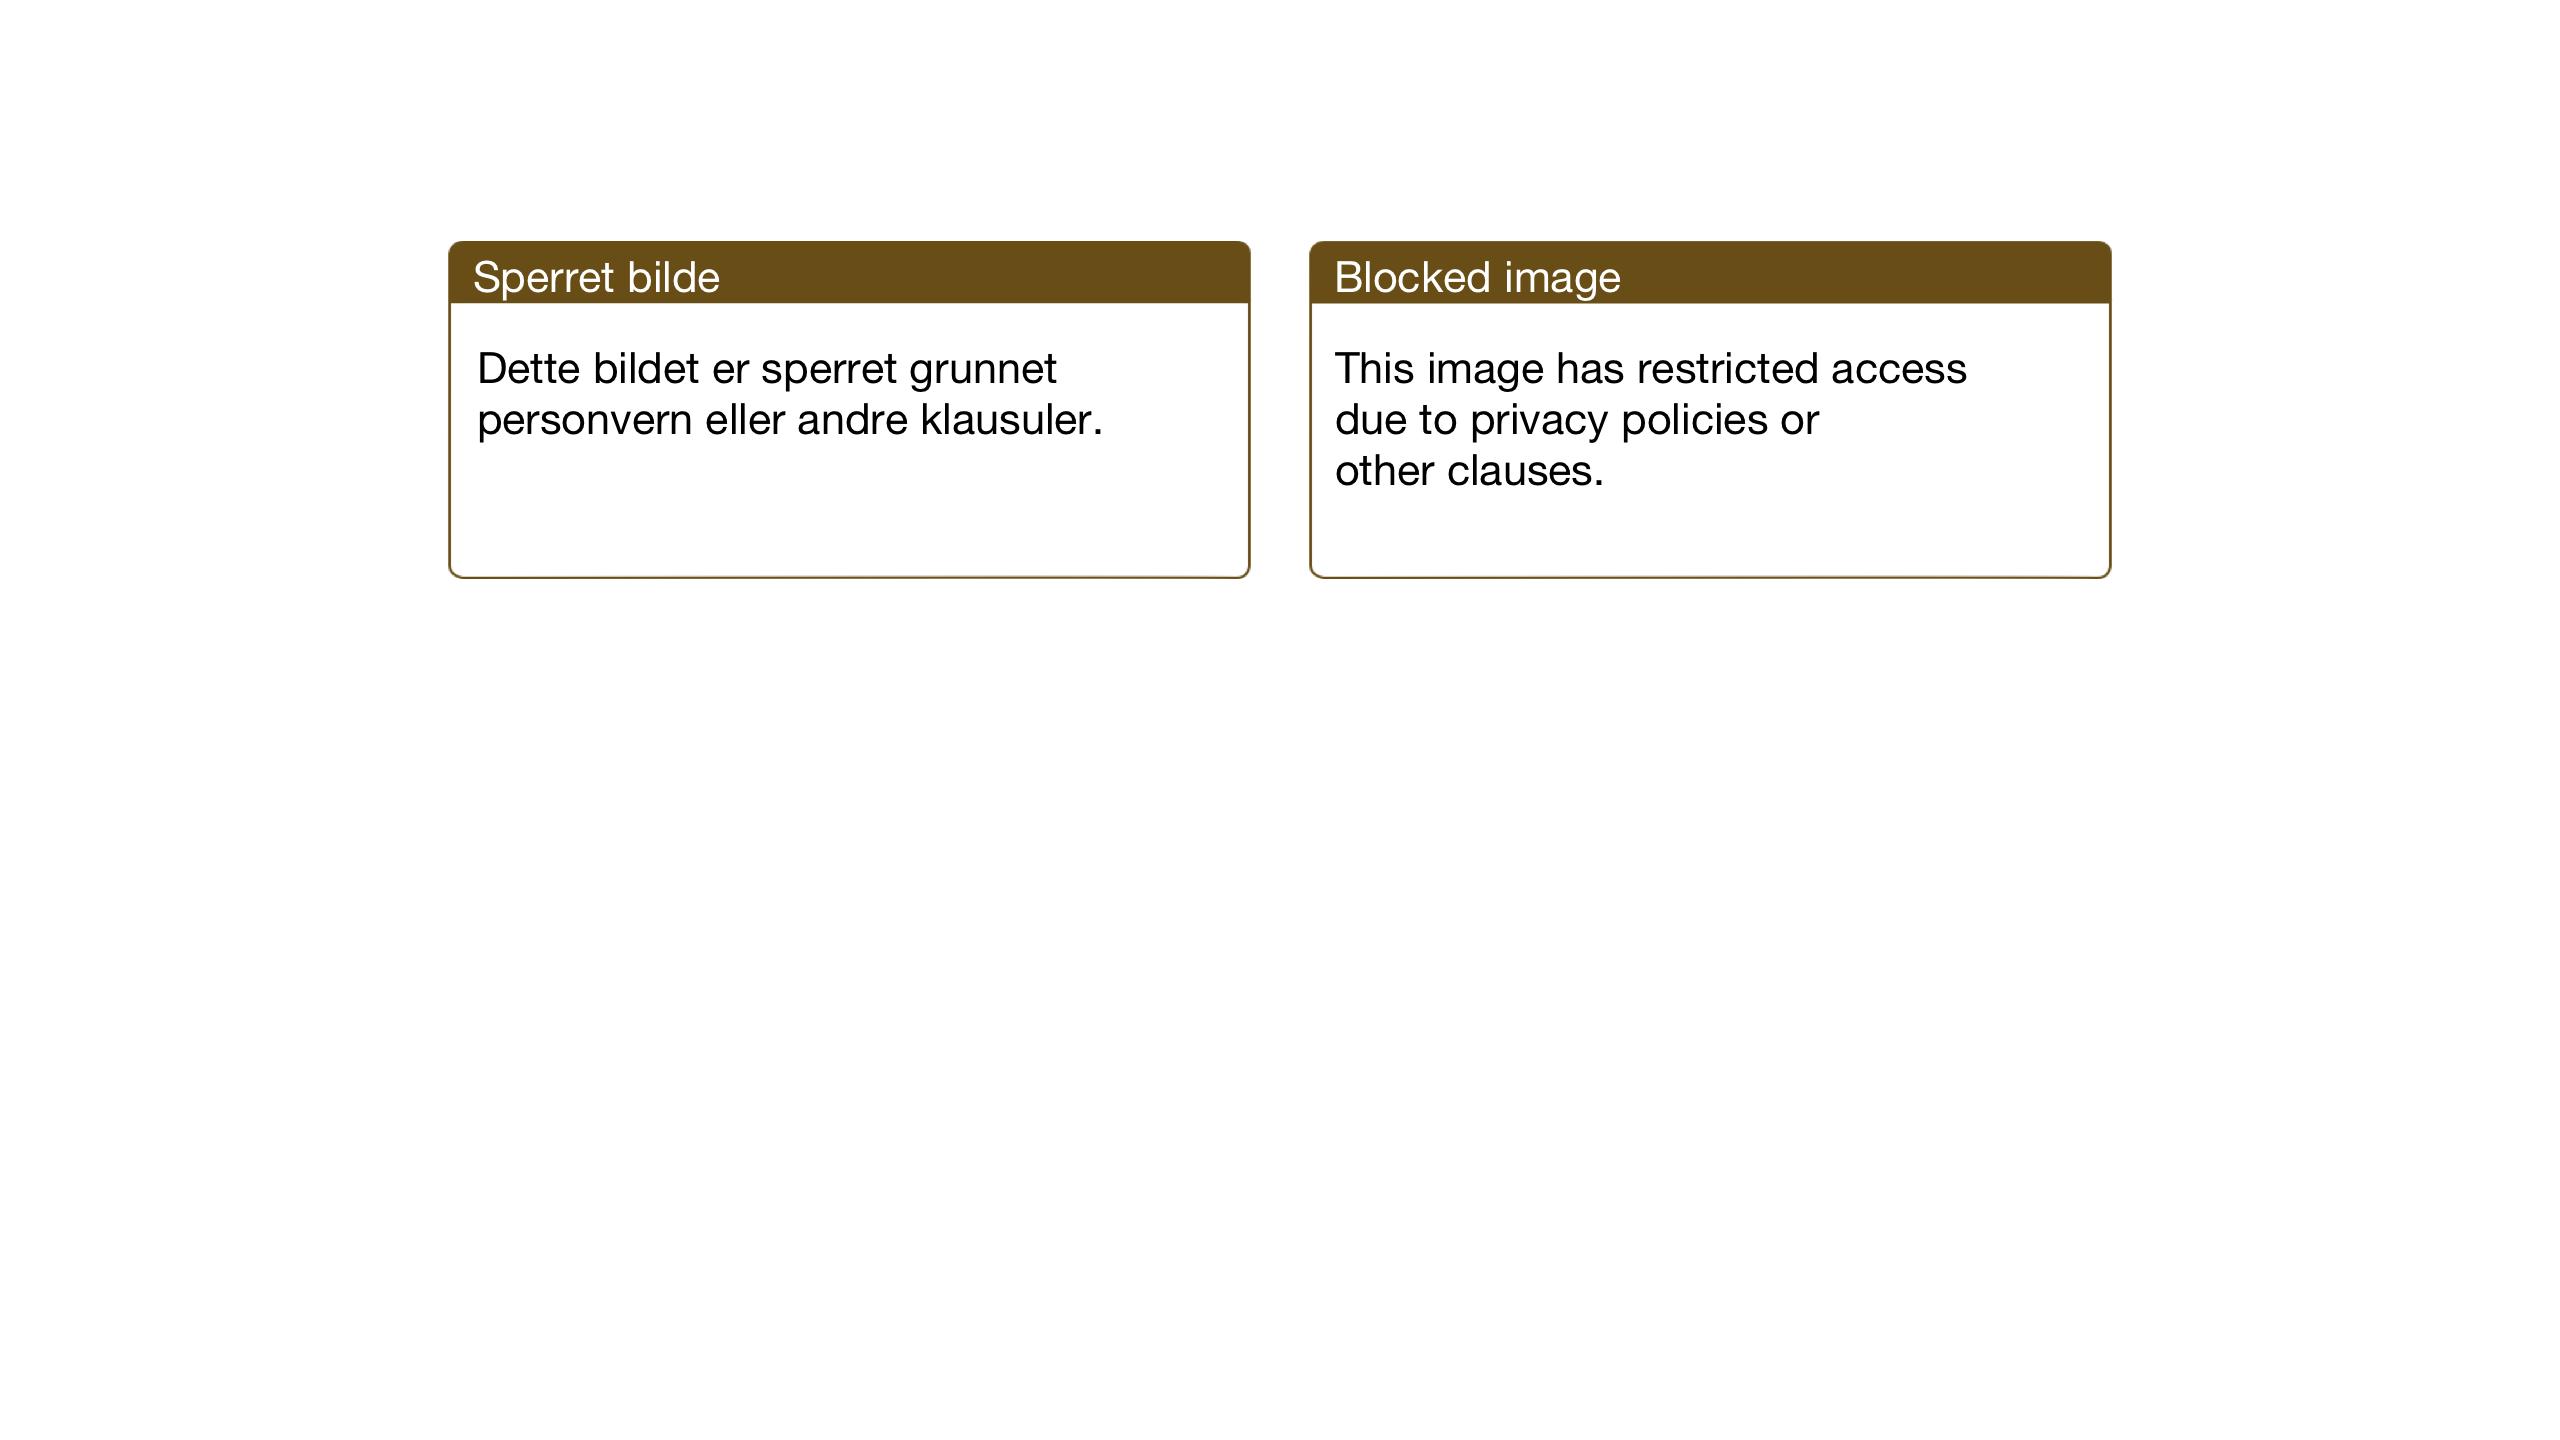 SAT, Ministerialprotokoller, klokkerbøker og fødselsregistre - Nord-Trøndelag, 709/L0089: Klokkerbok nr. 709C03, 1935-1948, s. 252